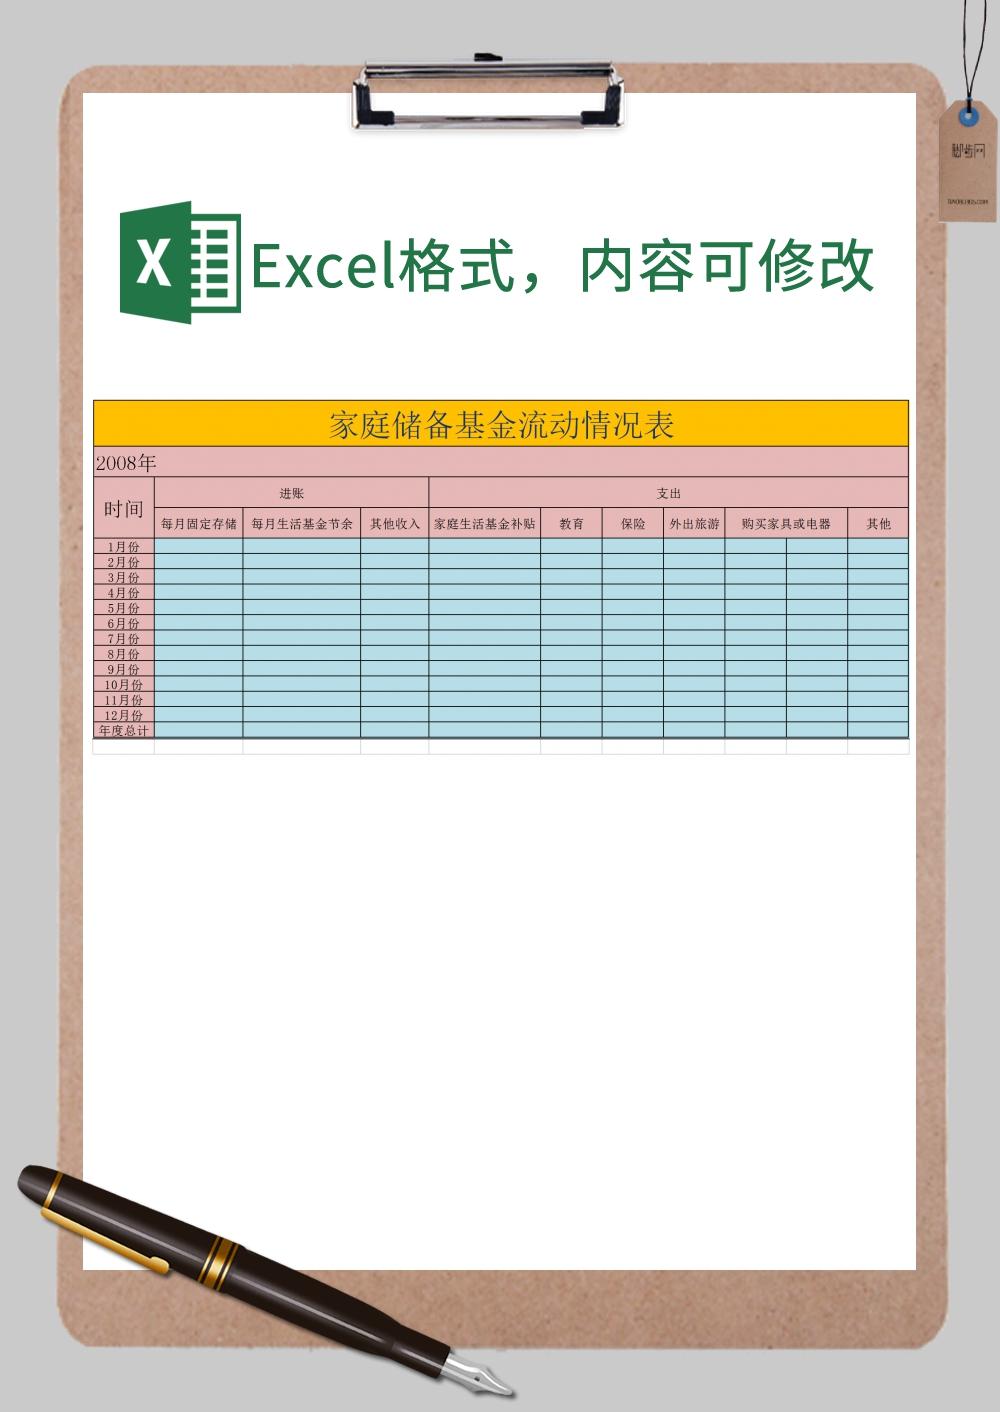 储备基金流动情况表xExcel模板